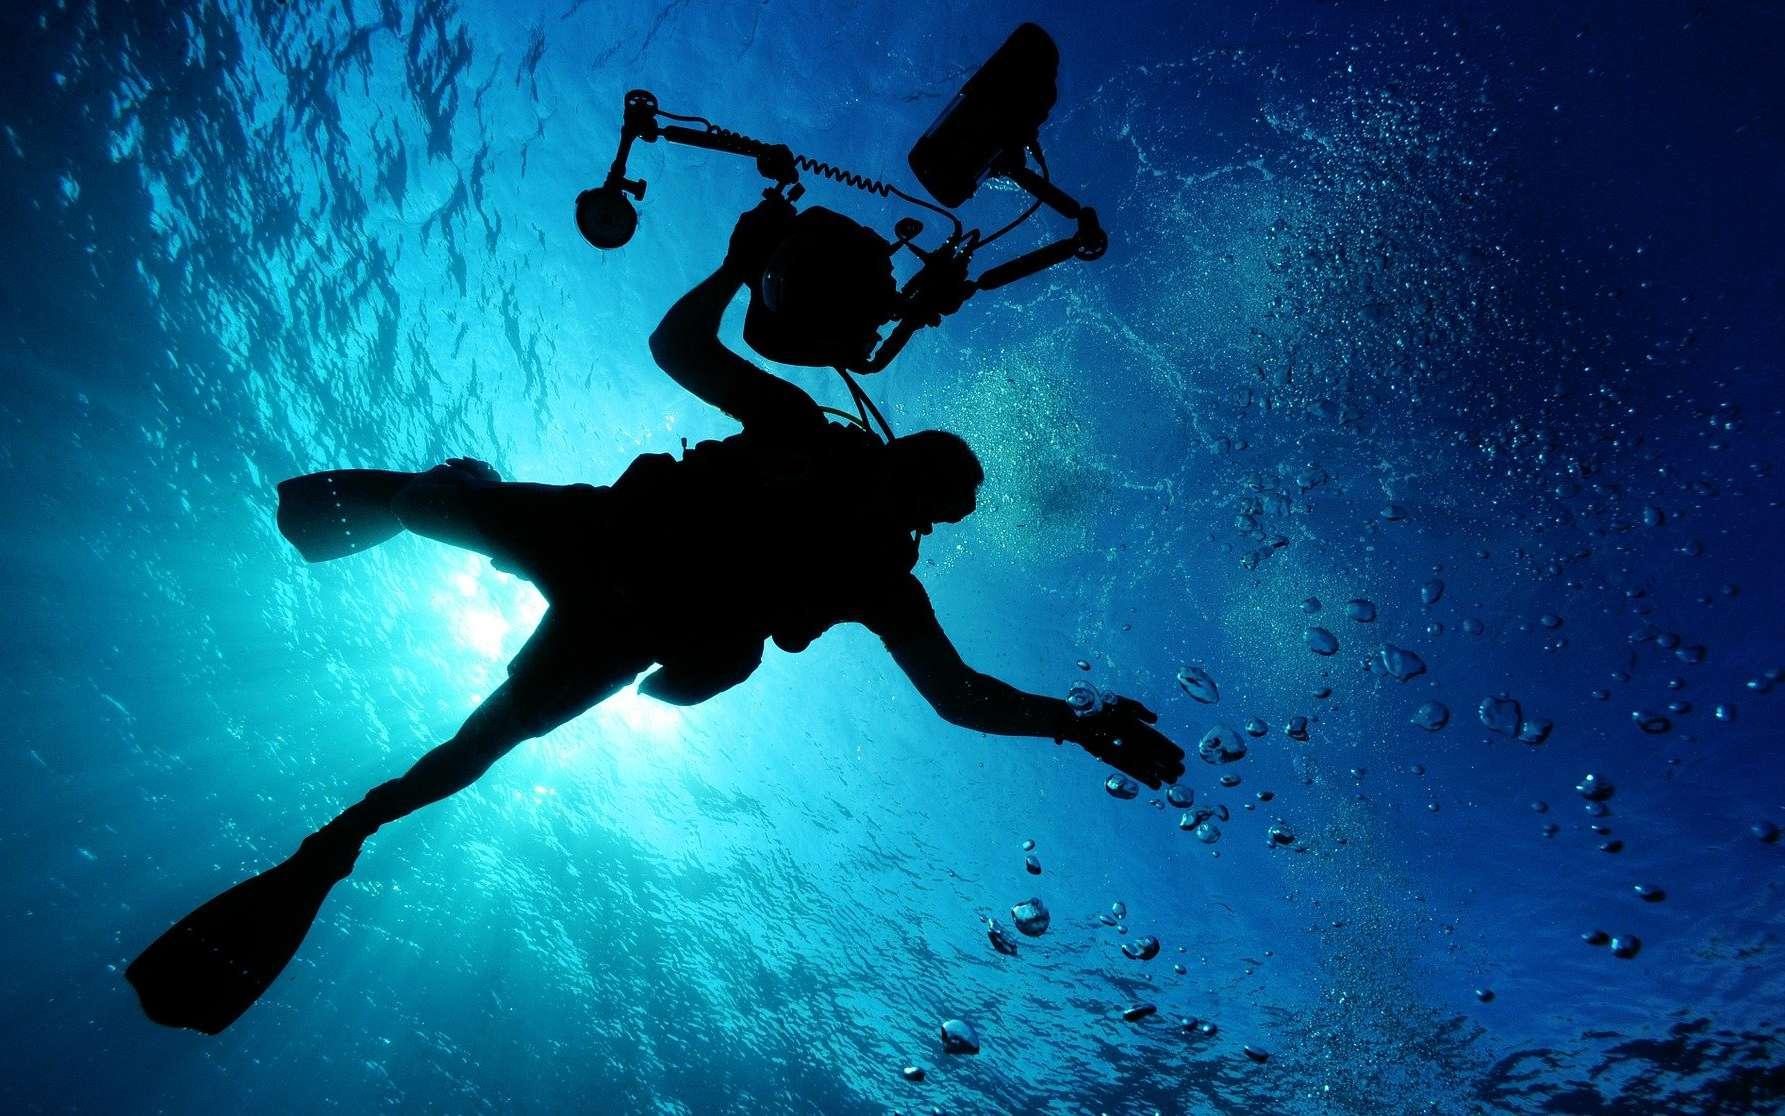 Comme les ondes radio se déplacent mal dans l'eau, des scientifiques développent une version sous-marine du Wi-Fi basée sur les signaux lumineux. © David Mark, Pixabay